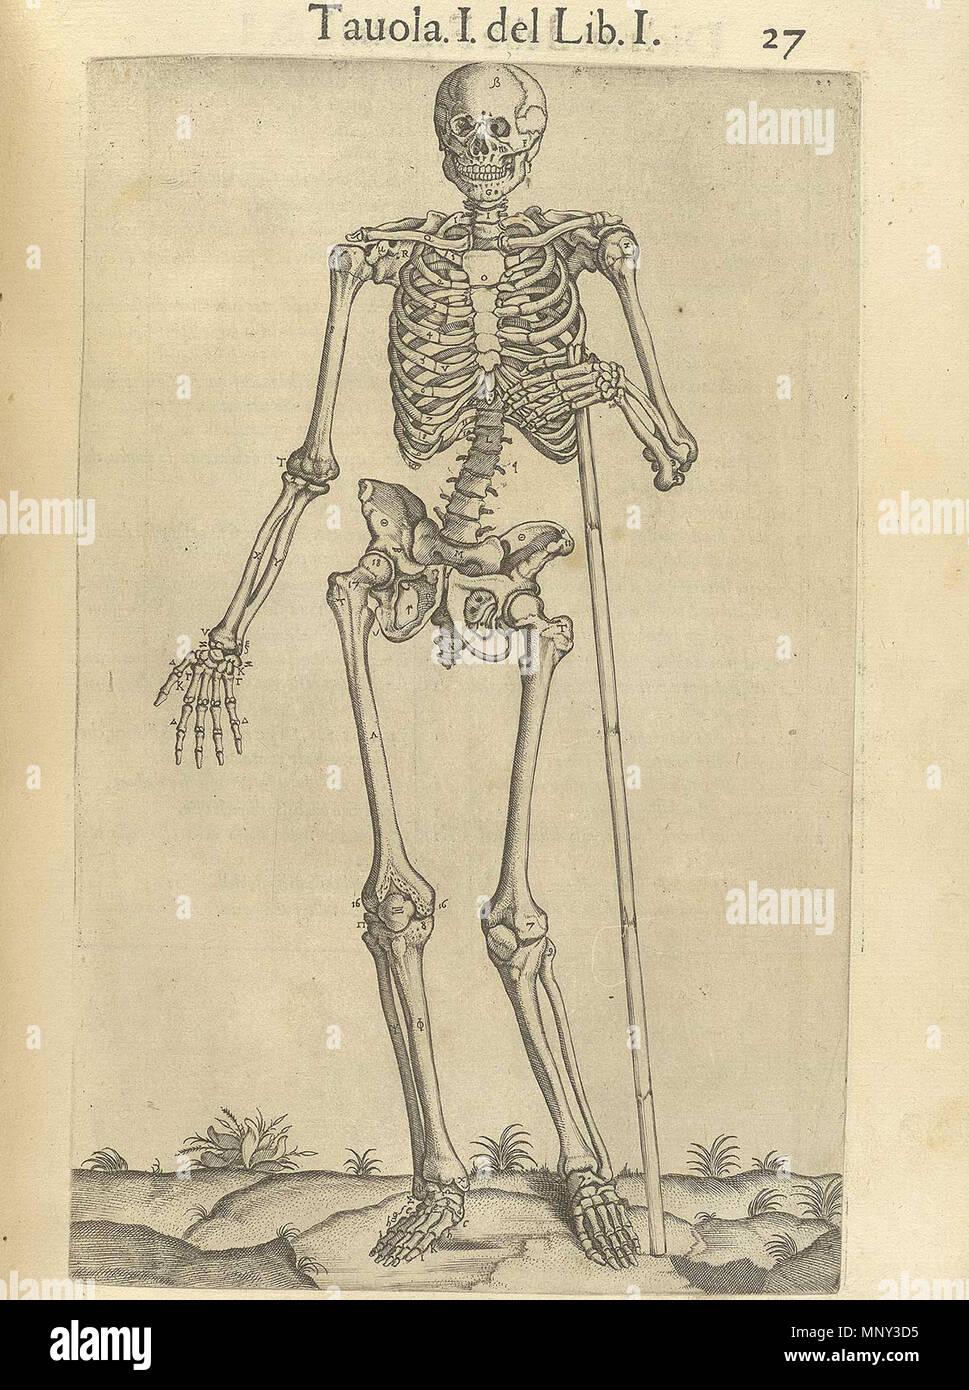 Anatomía Del Cuerpo Humano Stock Photos & Anatomía Del Cuerpo Humano ...